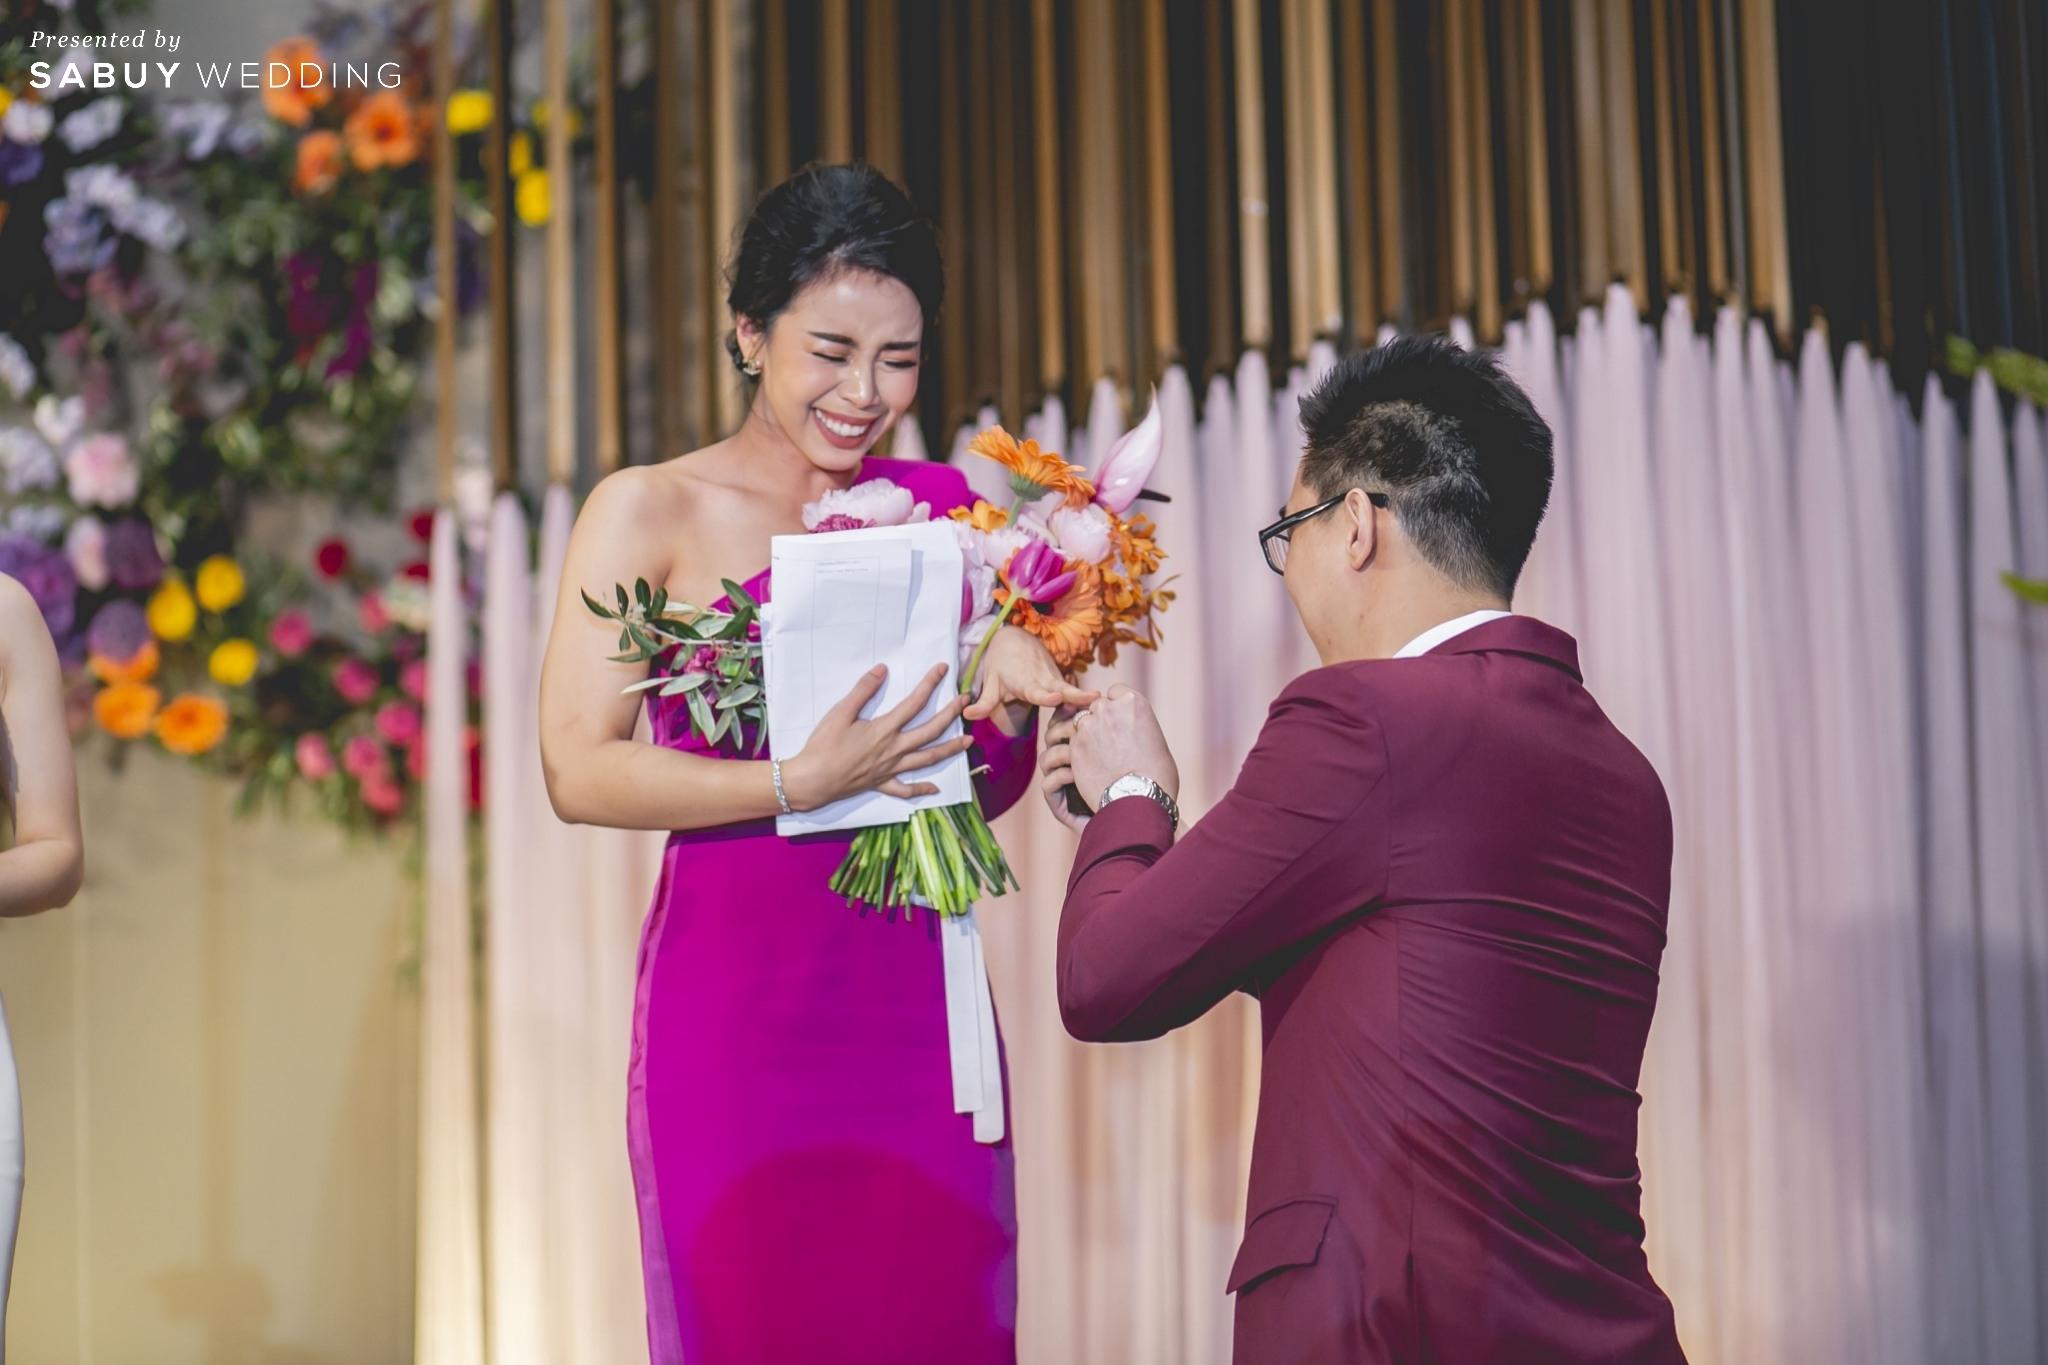 งานแต่งงาน รีวิวงานแต่งแซ่บจี๊ดใจ สวยสดใสด้วยโทนสี Colorful @ AVANI+ Riverside Bangkok Hotel